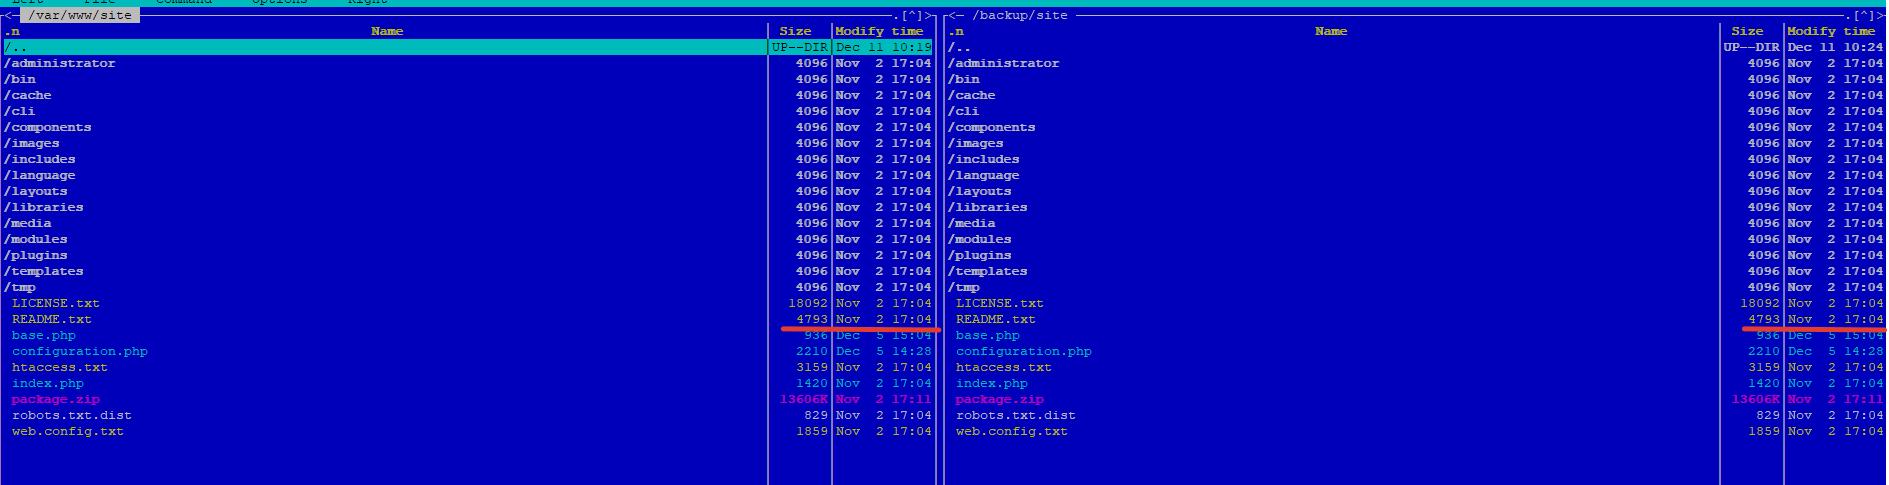 rsync синхронізація зі збереженням атрибутів